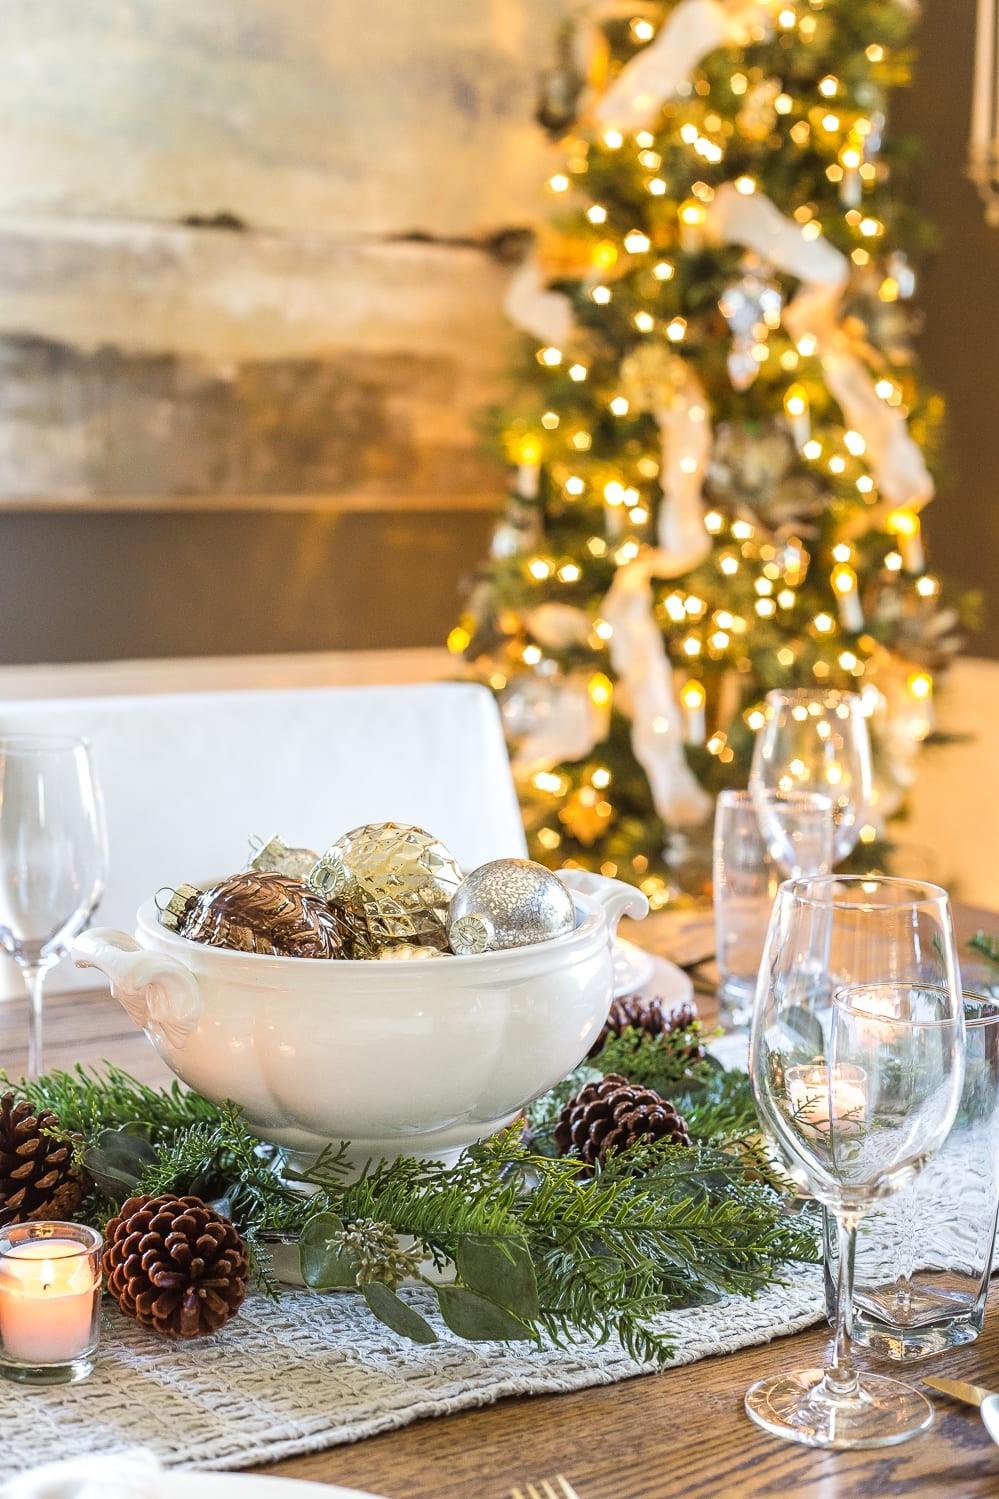 Idées de décoration de Noël pour votre table de fête.